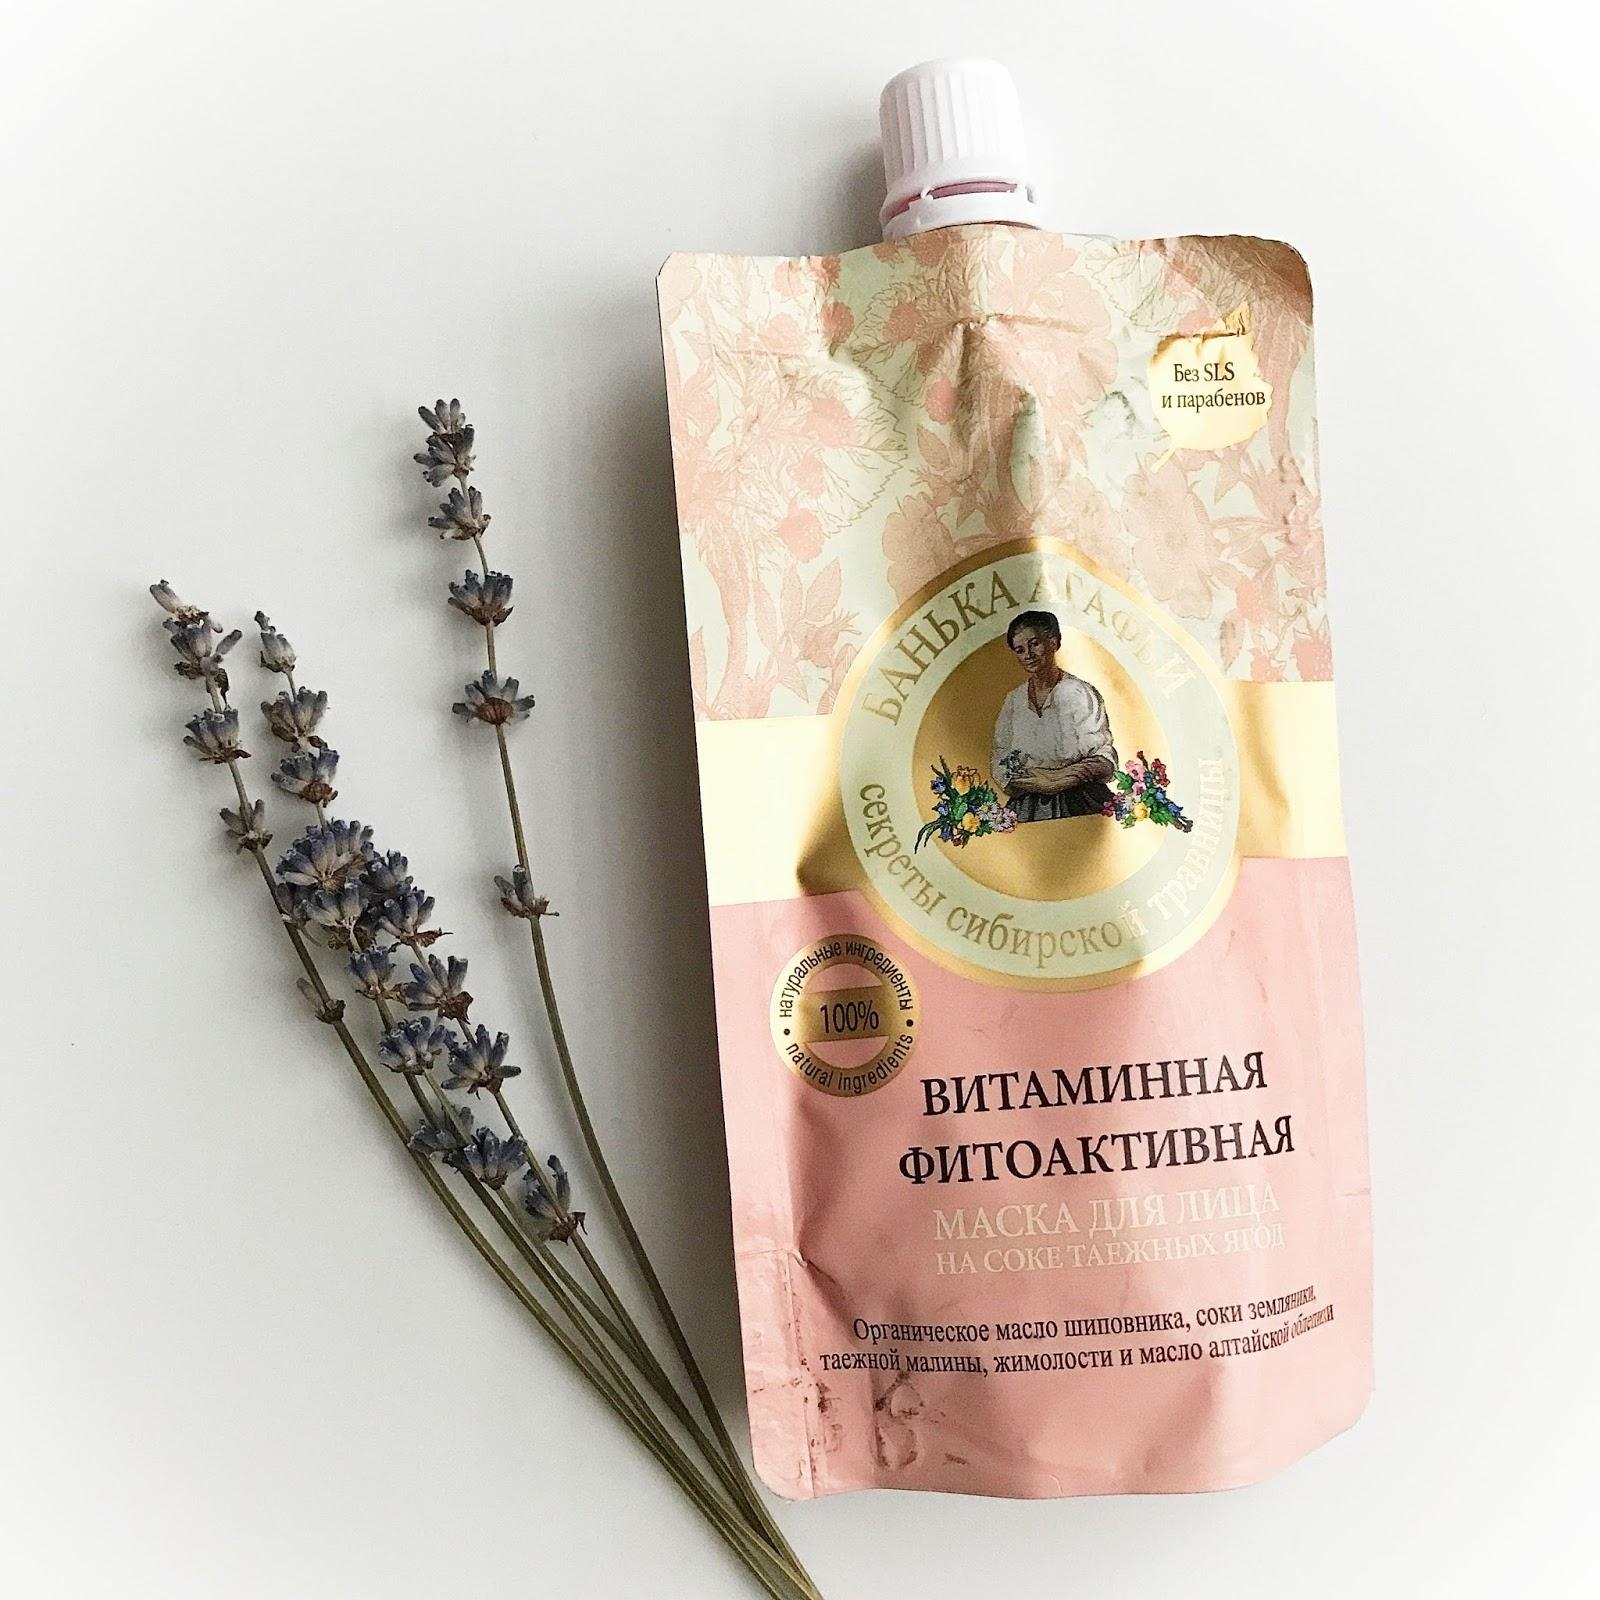 Fitoaktywna, witaminowa maseczka Bania Agafii - sok z jagód tajgi, Bania Agafii, Babuszka Agafia, kosmetyki rosyjskie,